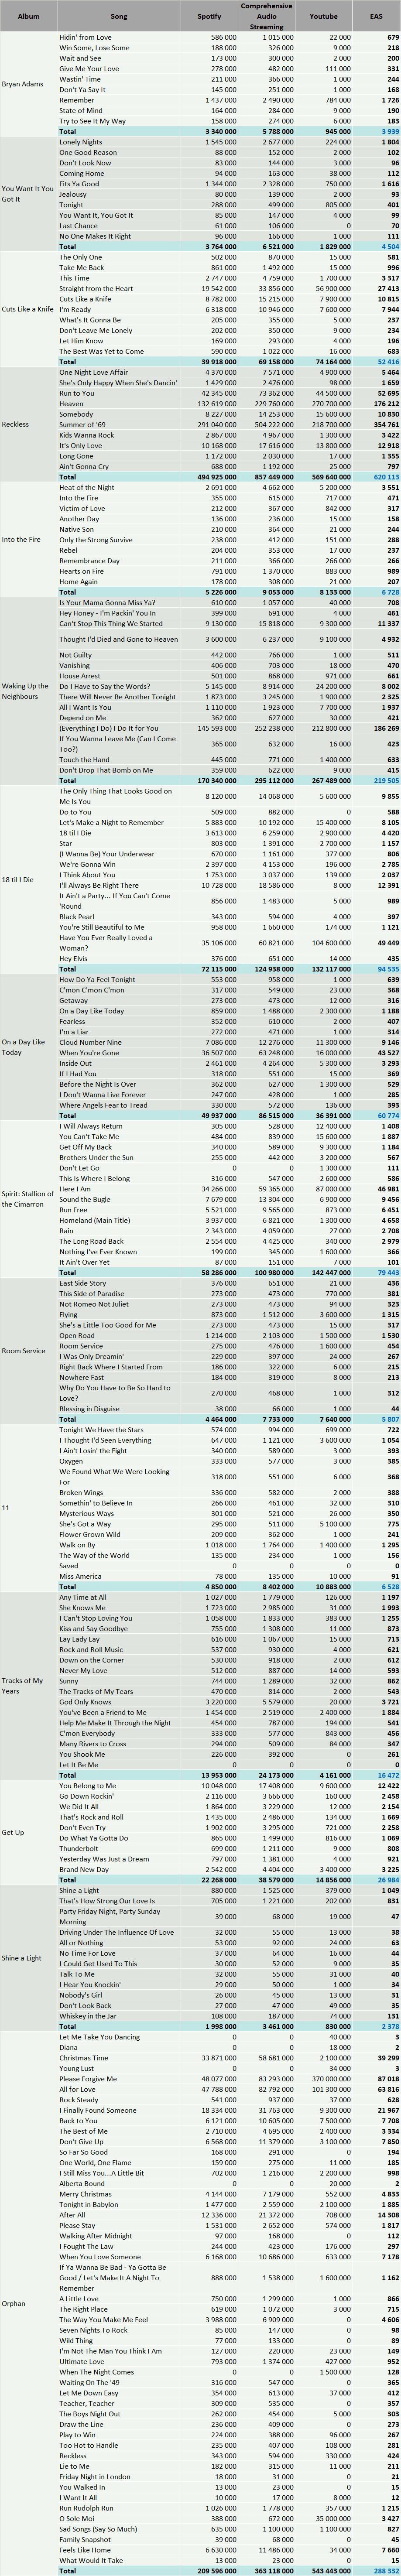 Bryan Adams streaming numbers